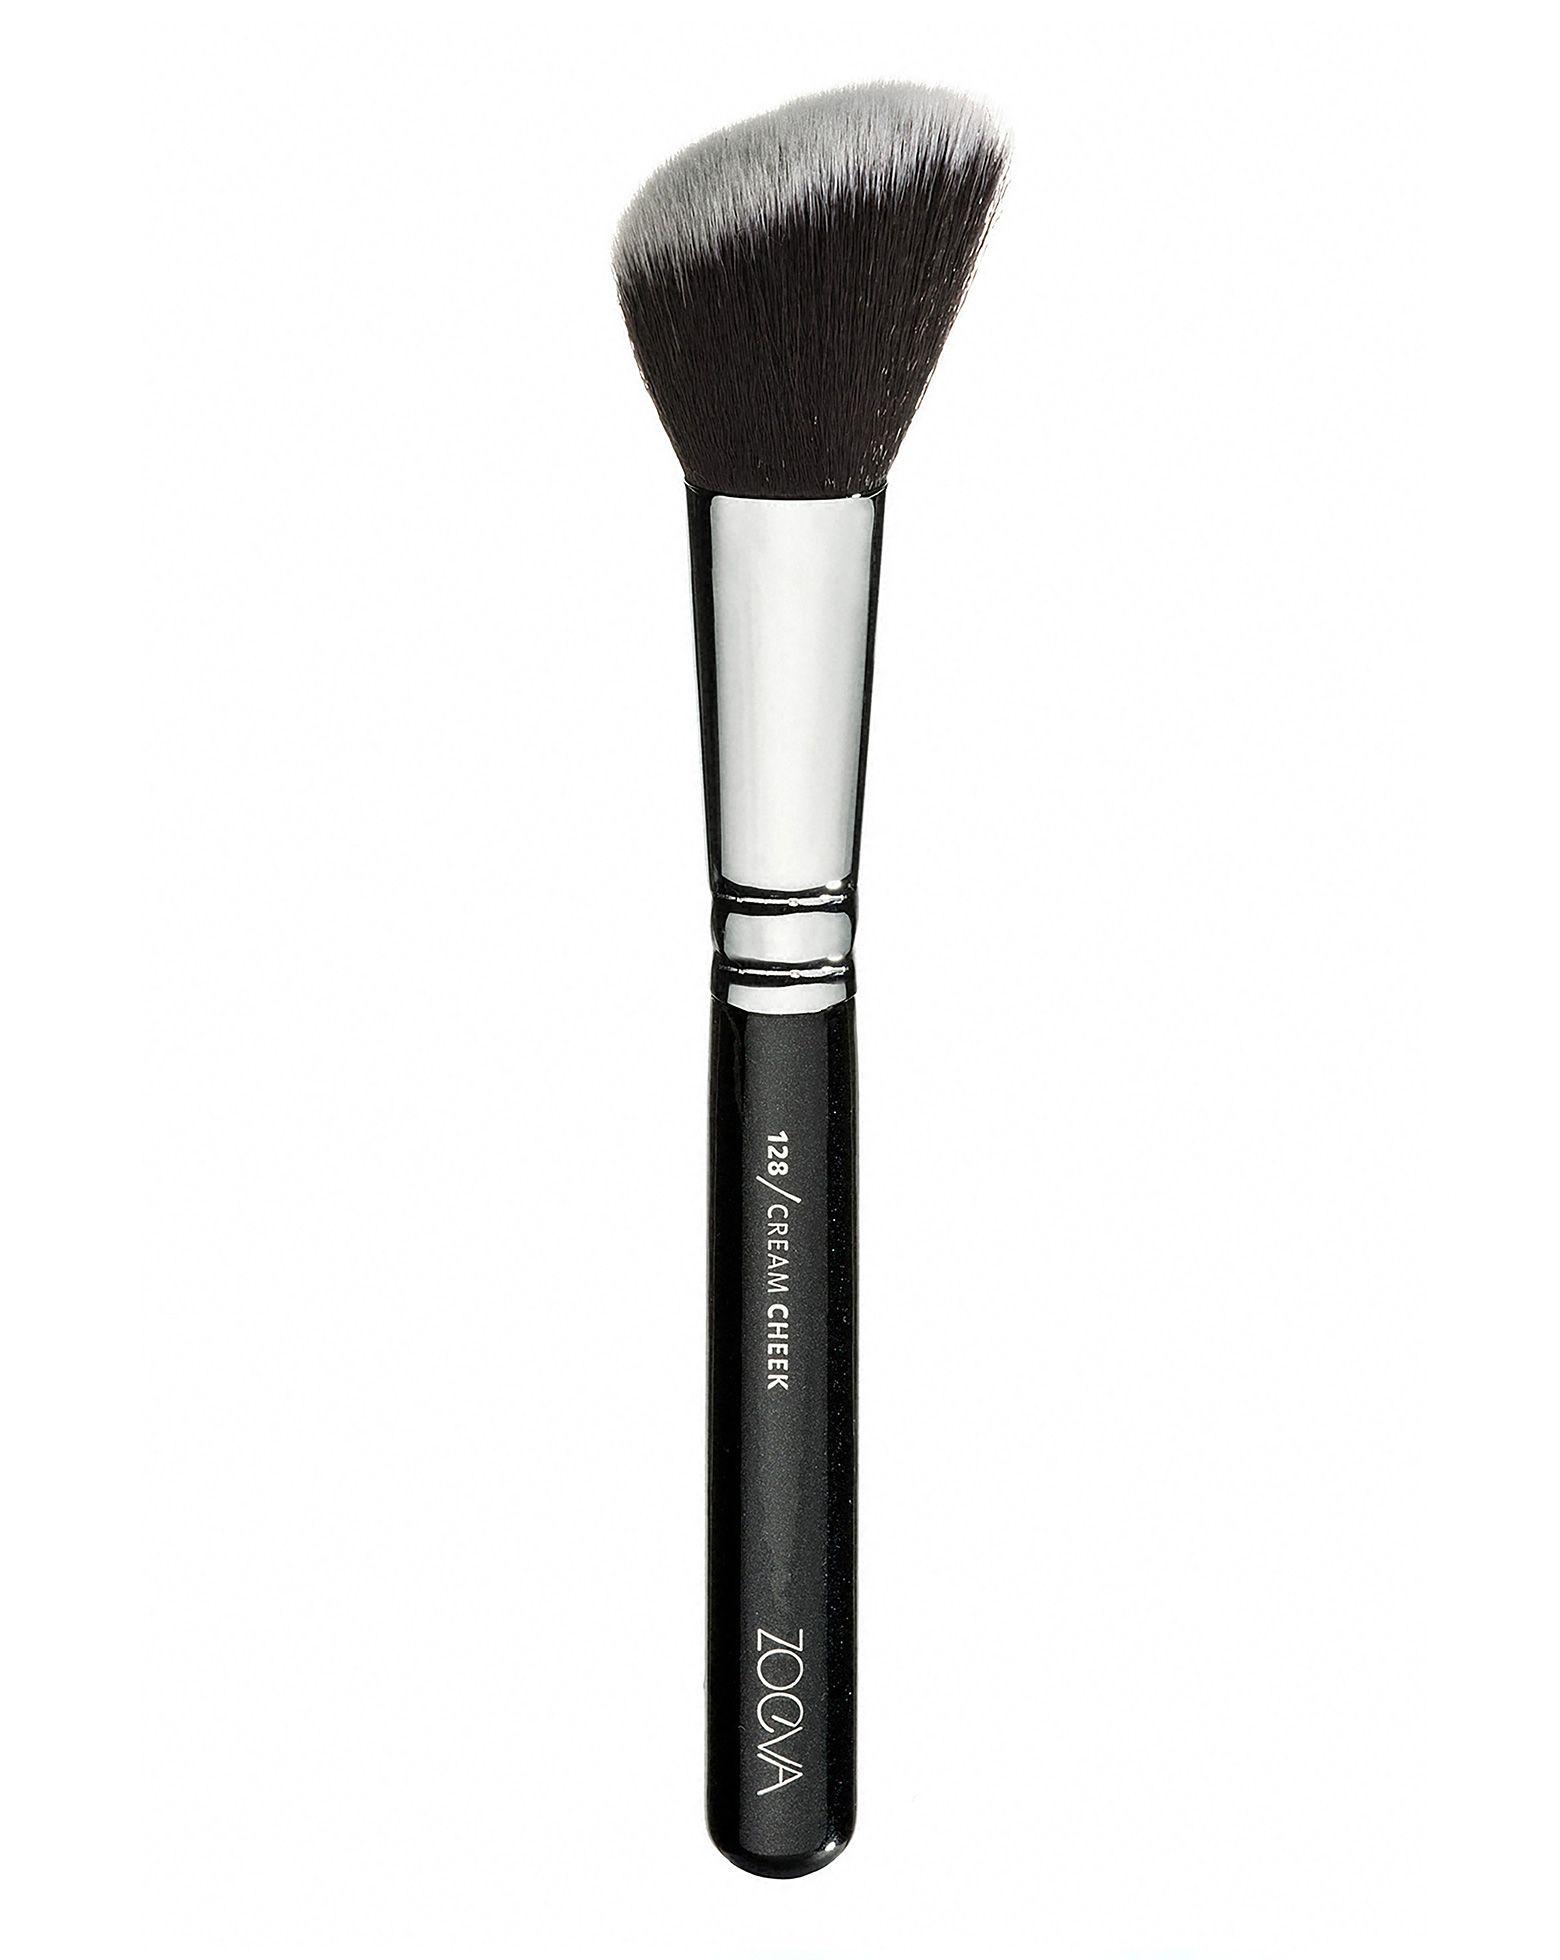 Cream Cheek Brush (128) by ZOEVA Brush, Zoeva makeup